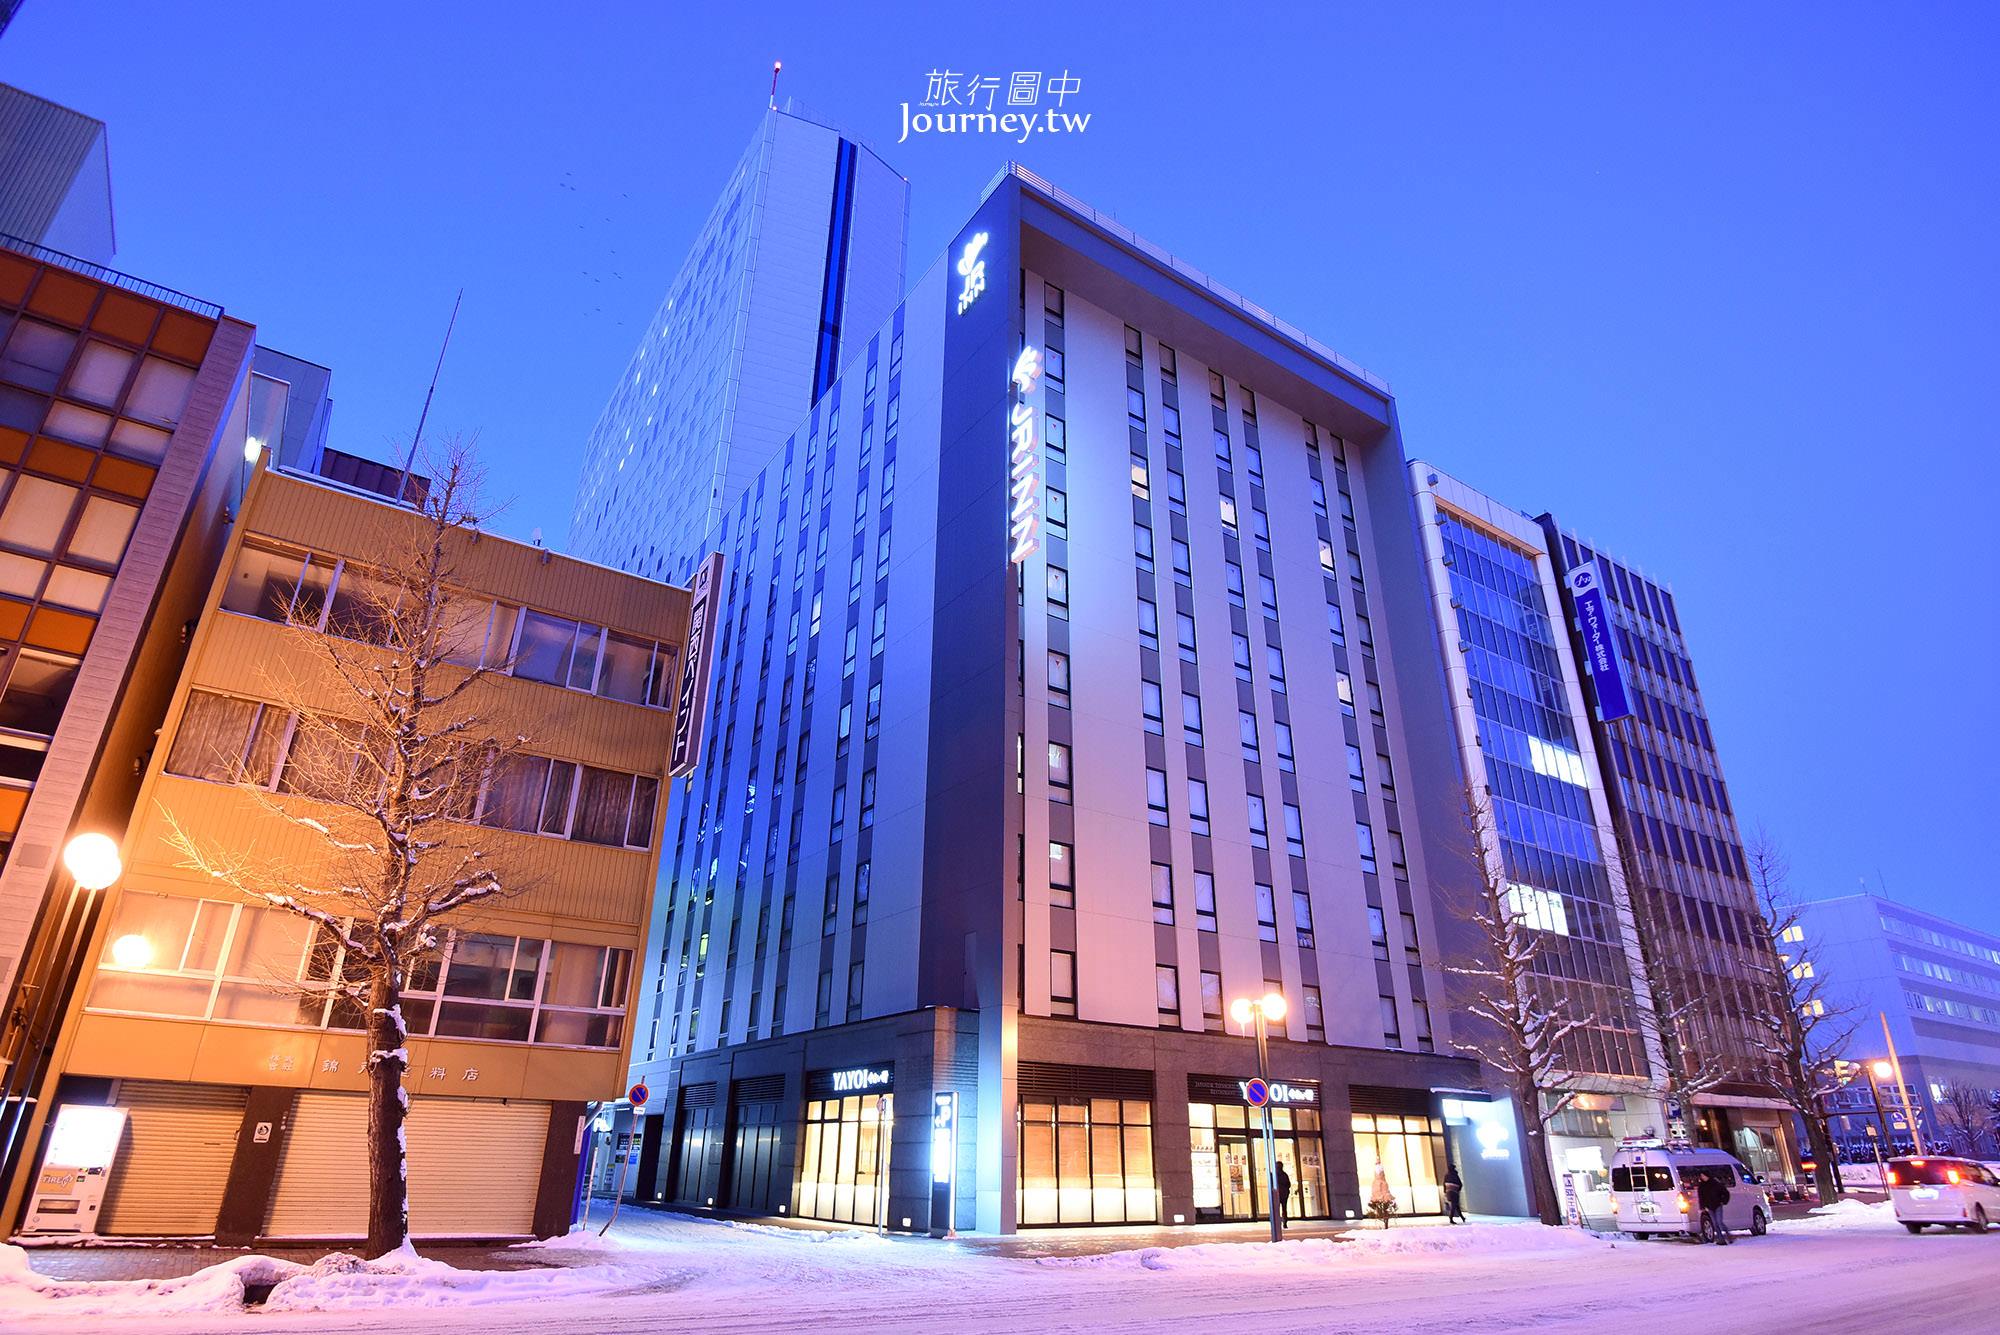 北海道,札幌住宿,JR Inn,札幌南口,JR Inn Sapporo South